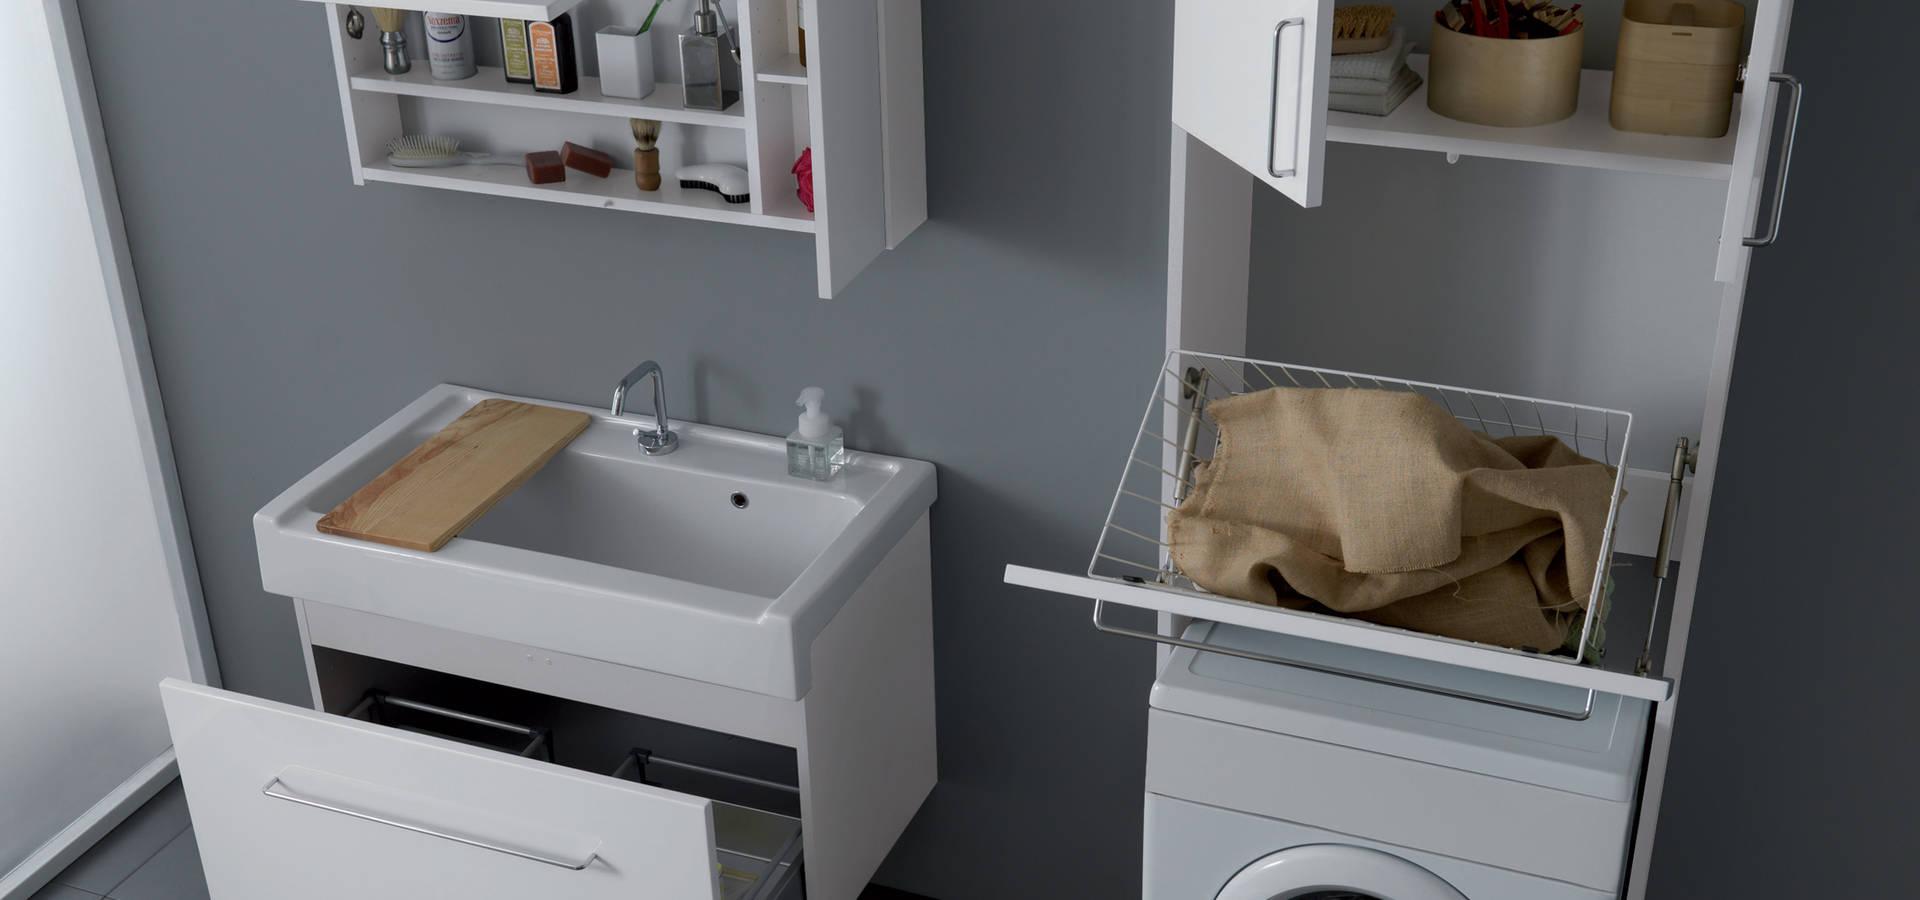 lavarredo di xilon s.r.l. | homify - Xilon Arredo Bagno